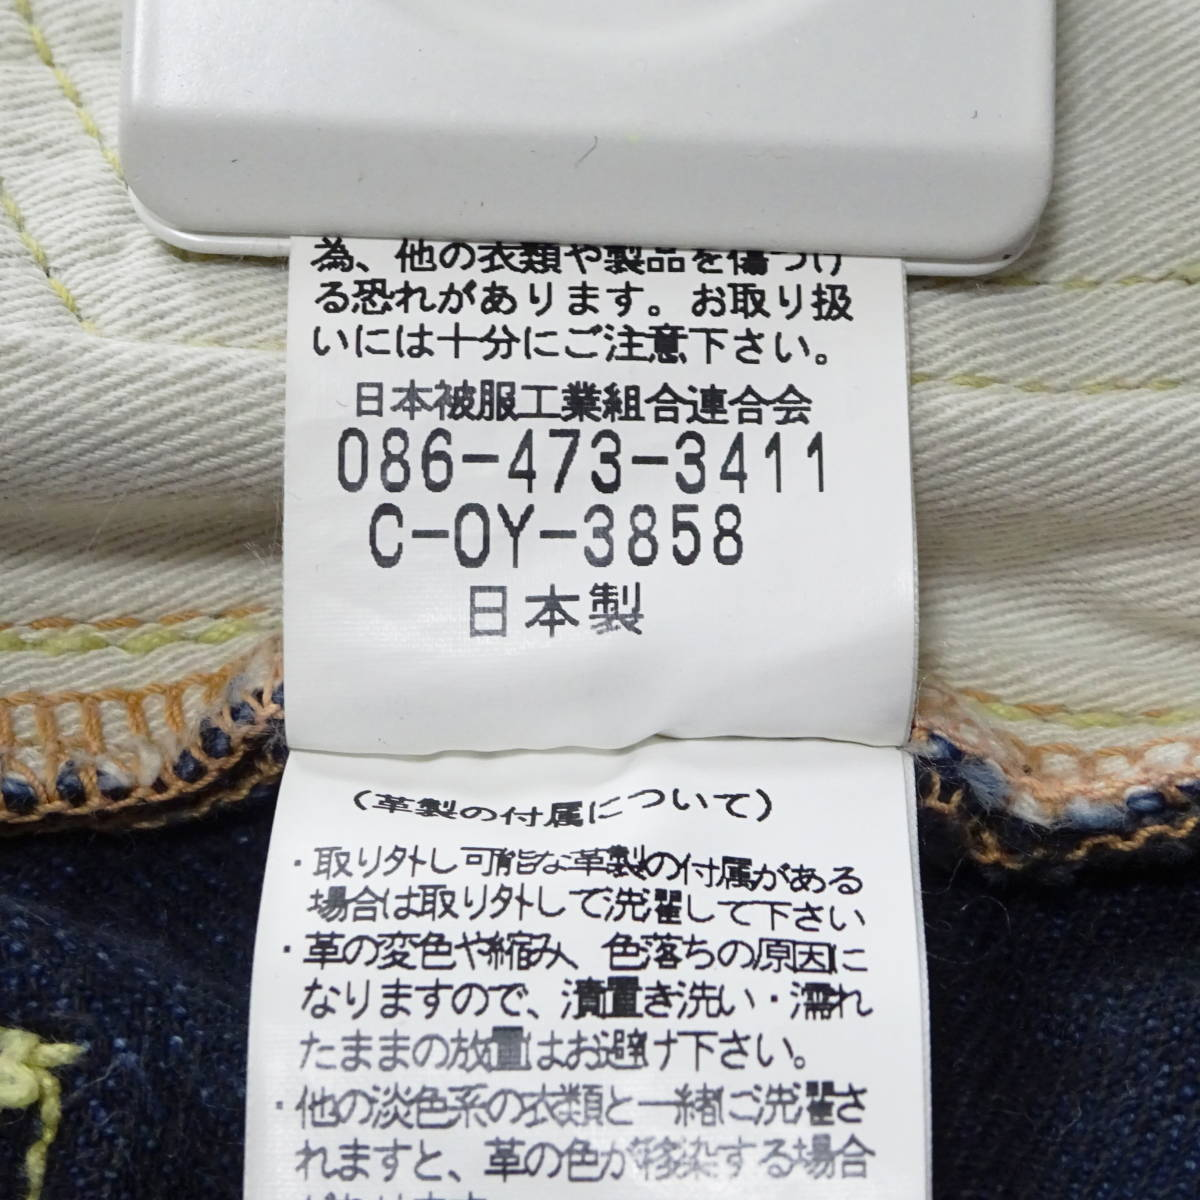 【送料無料 即決】Johnbull・ジョンブル・テーパード・スリムストレート・アシンメトリーポケット・日本製・Sサイズ・約75cm